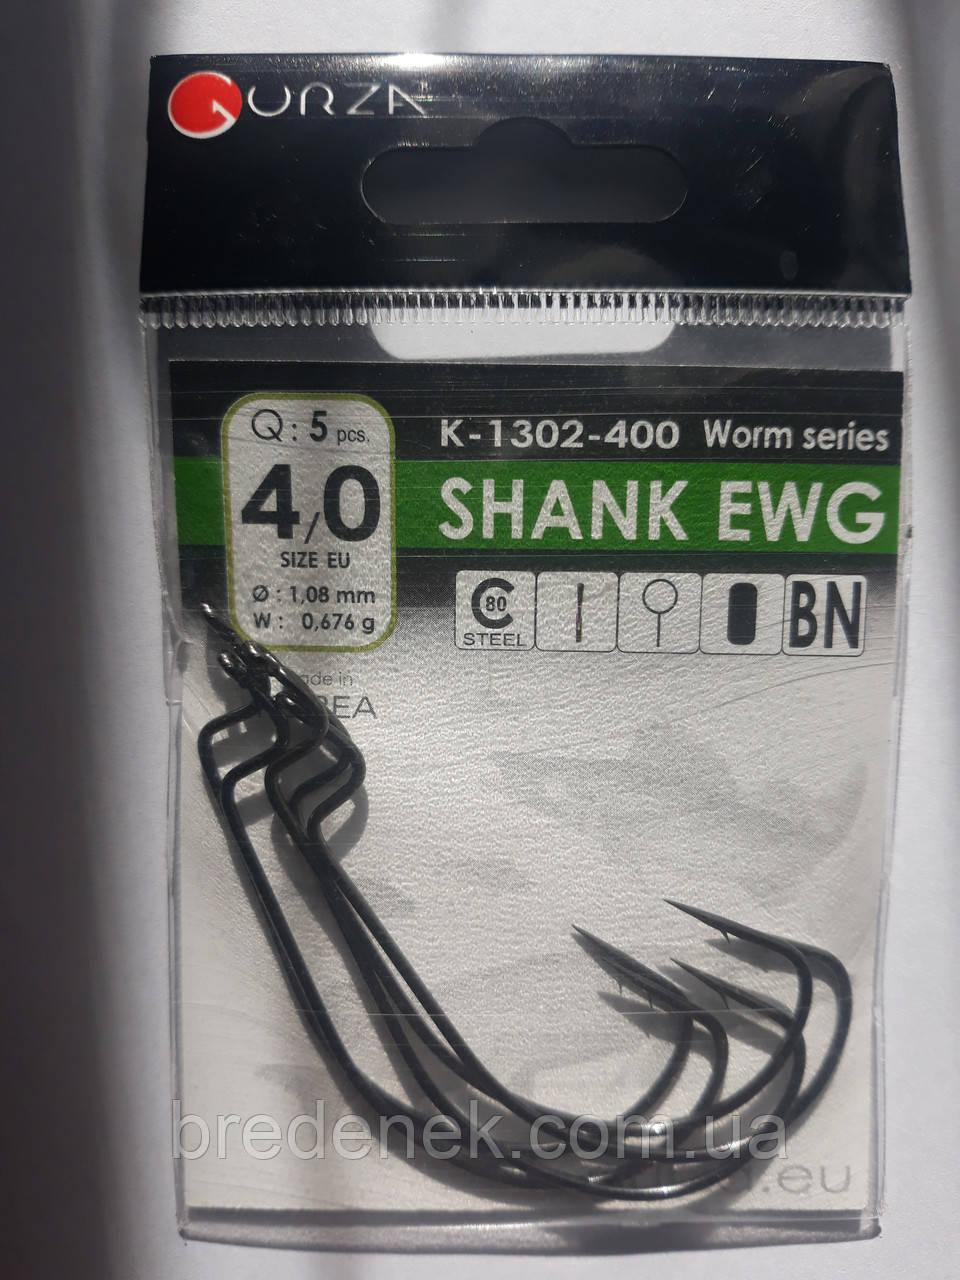 Крючки Gurza Shank EWG № 4/0